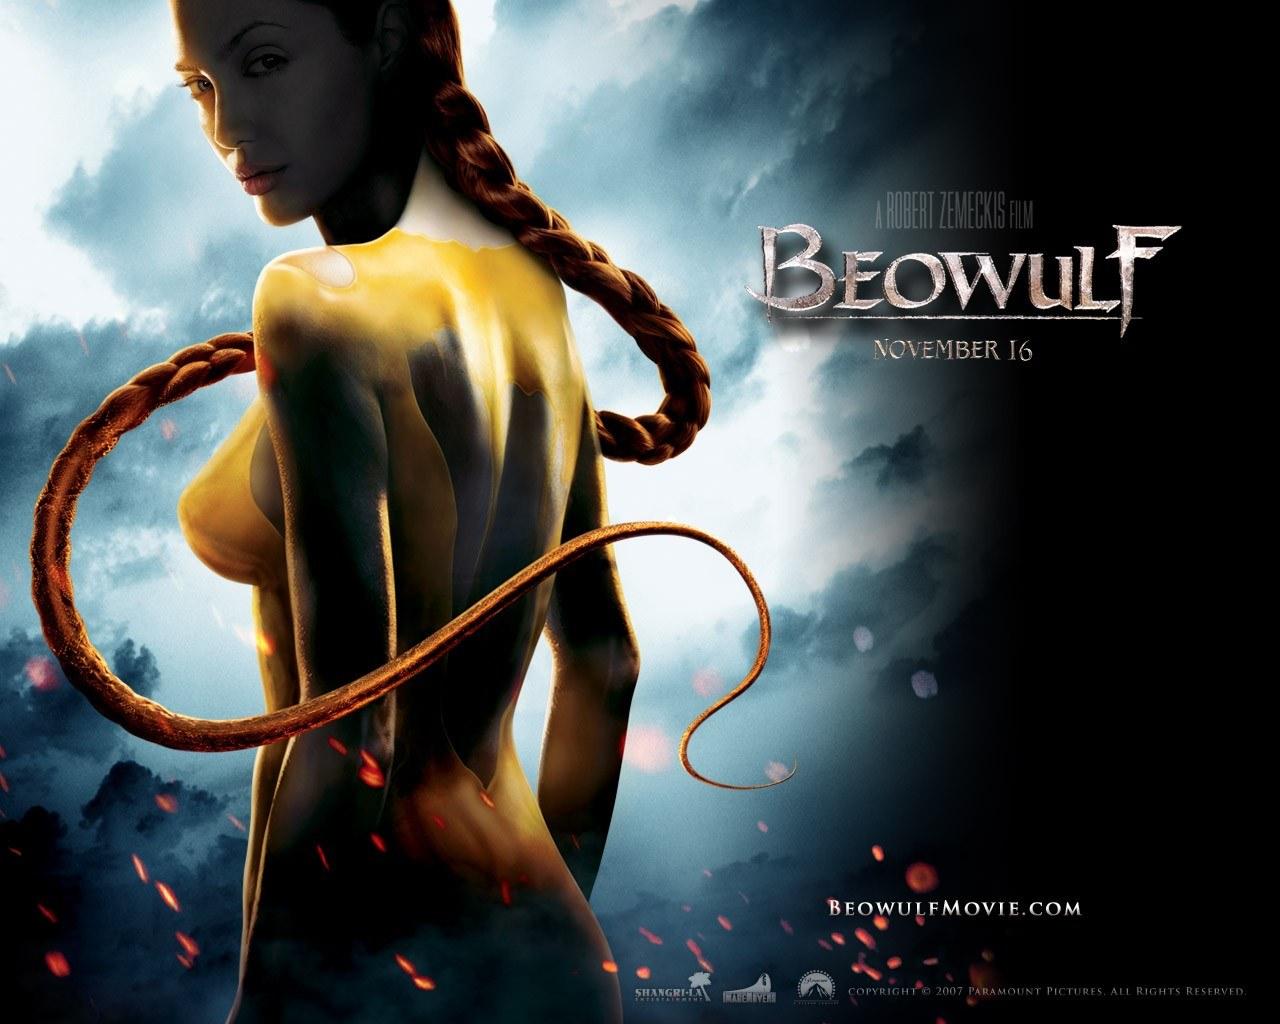 literary analysis essay beowulf pdfeports web fc com literary analysis essay beowulf